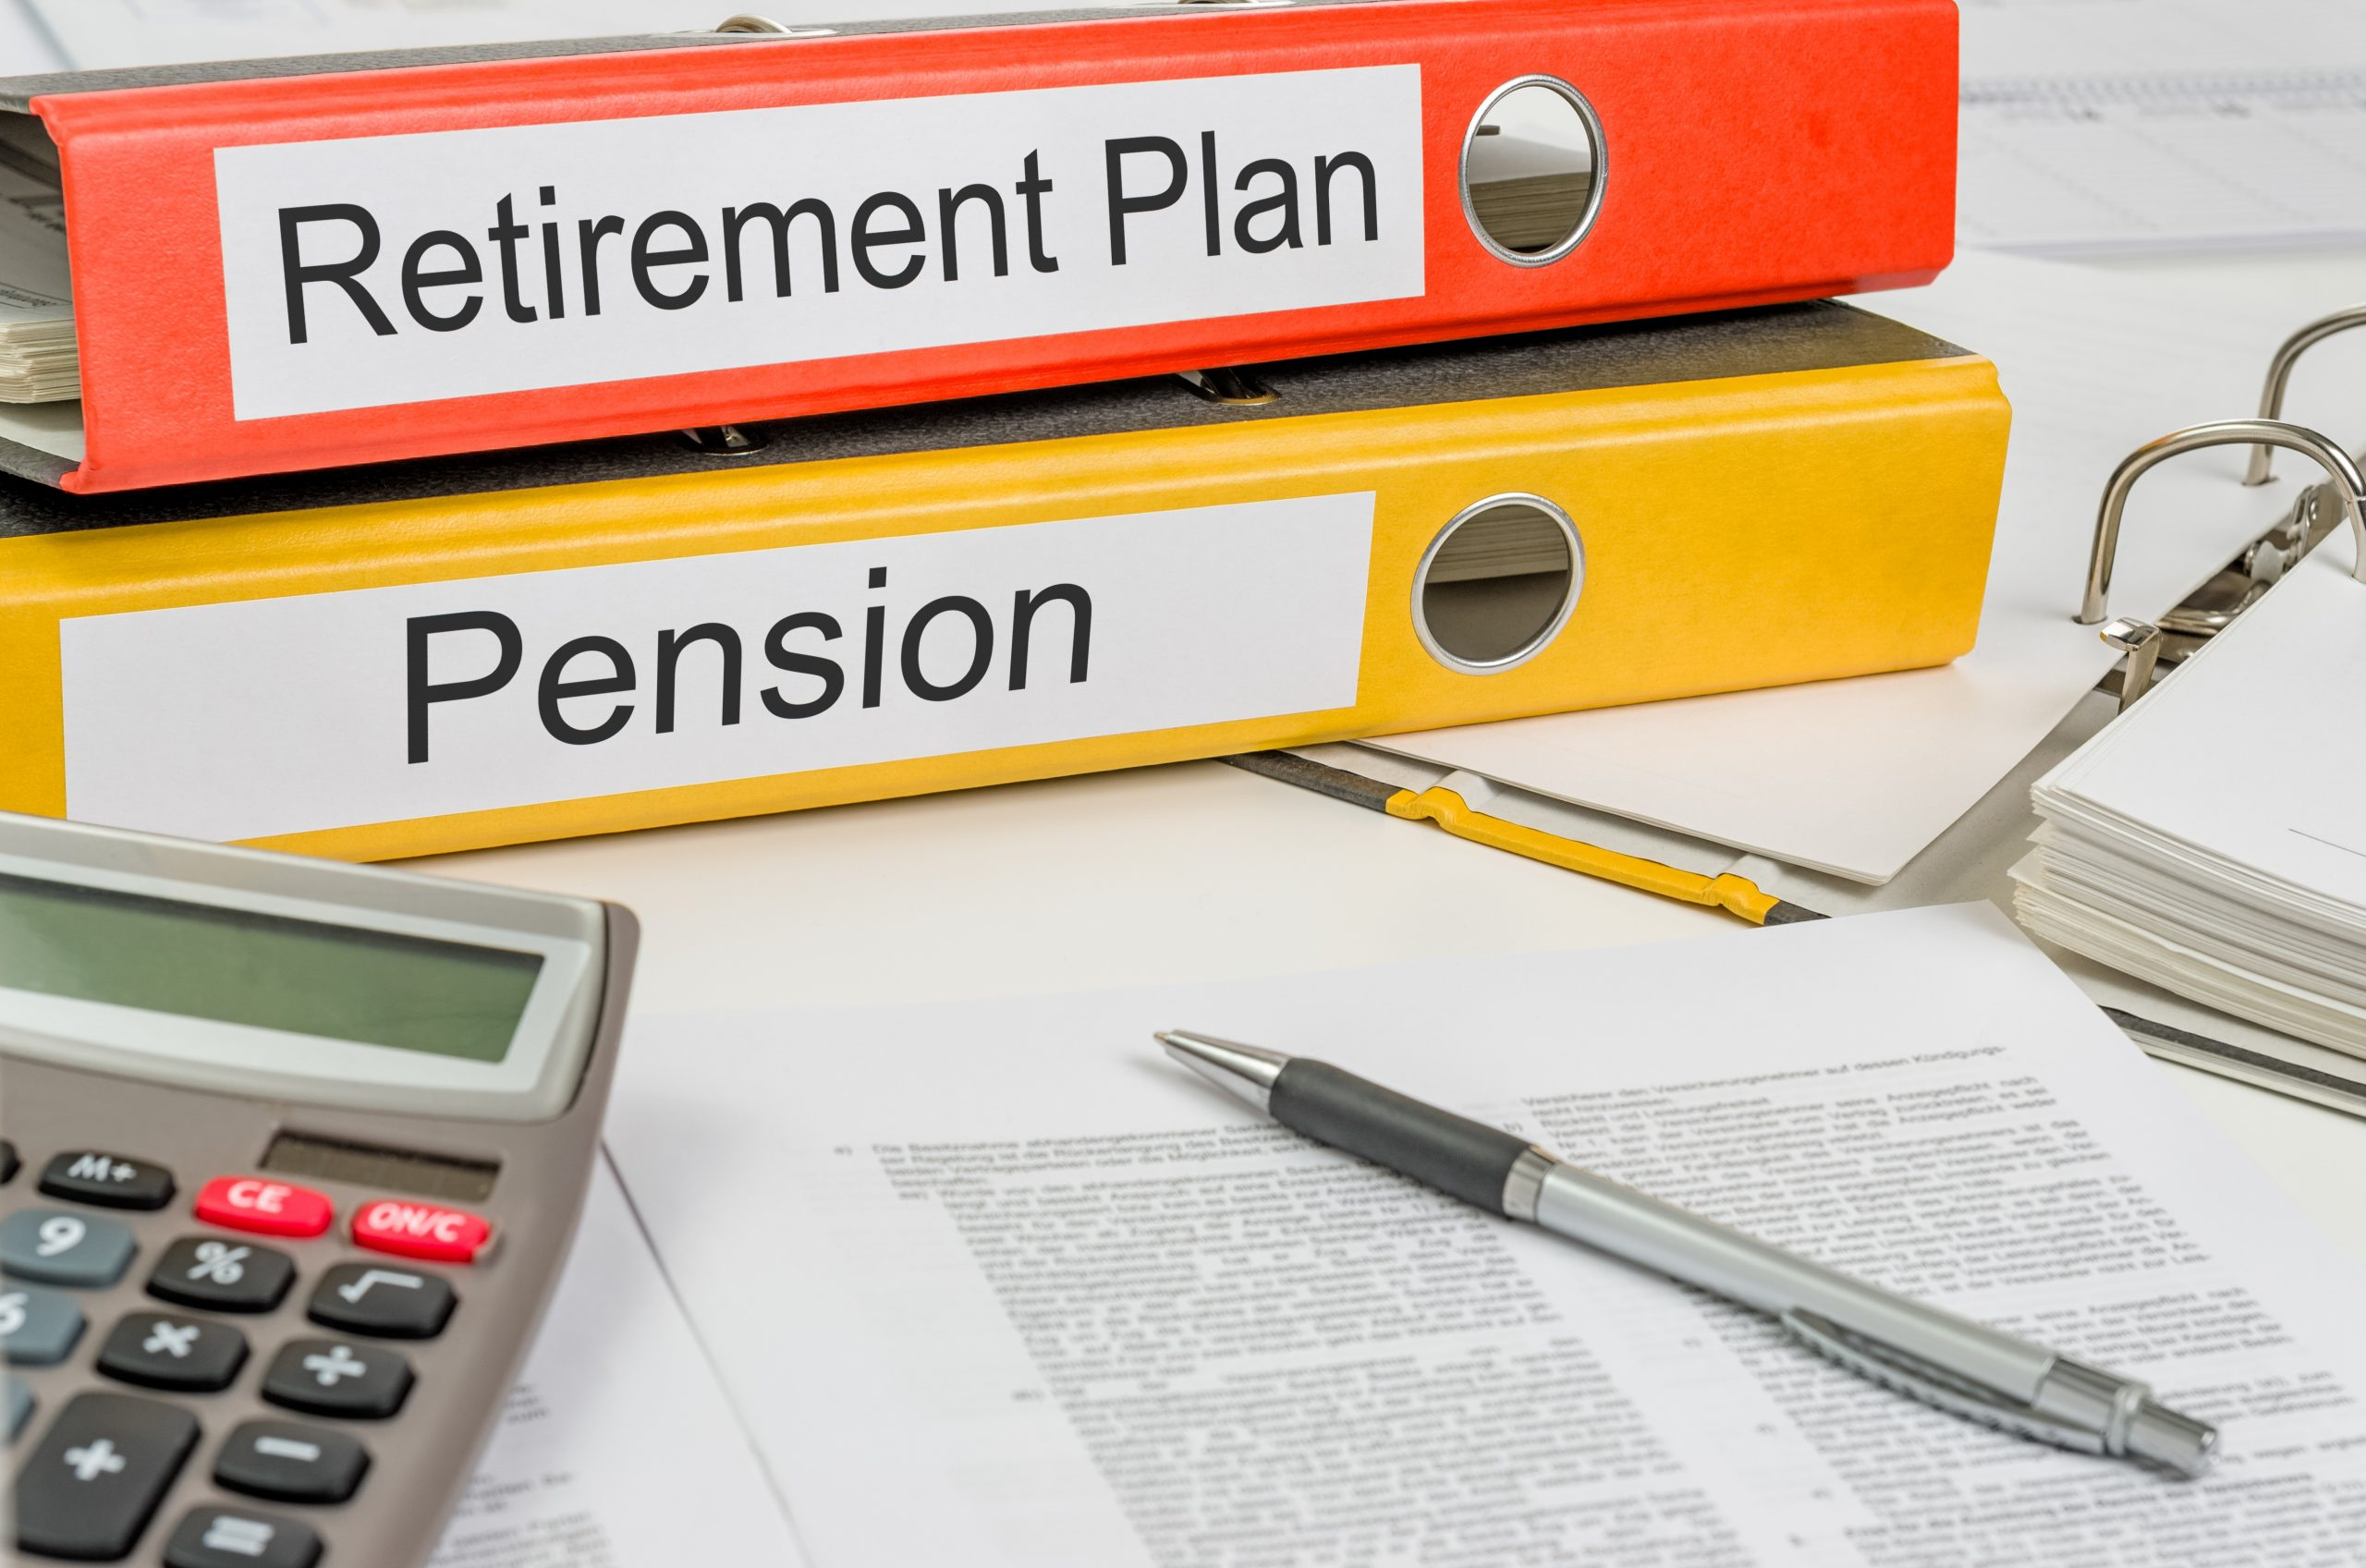 Comment calcule-t-on le nombre de trimestres acquis pour sa retraite ?